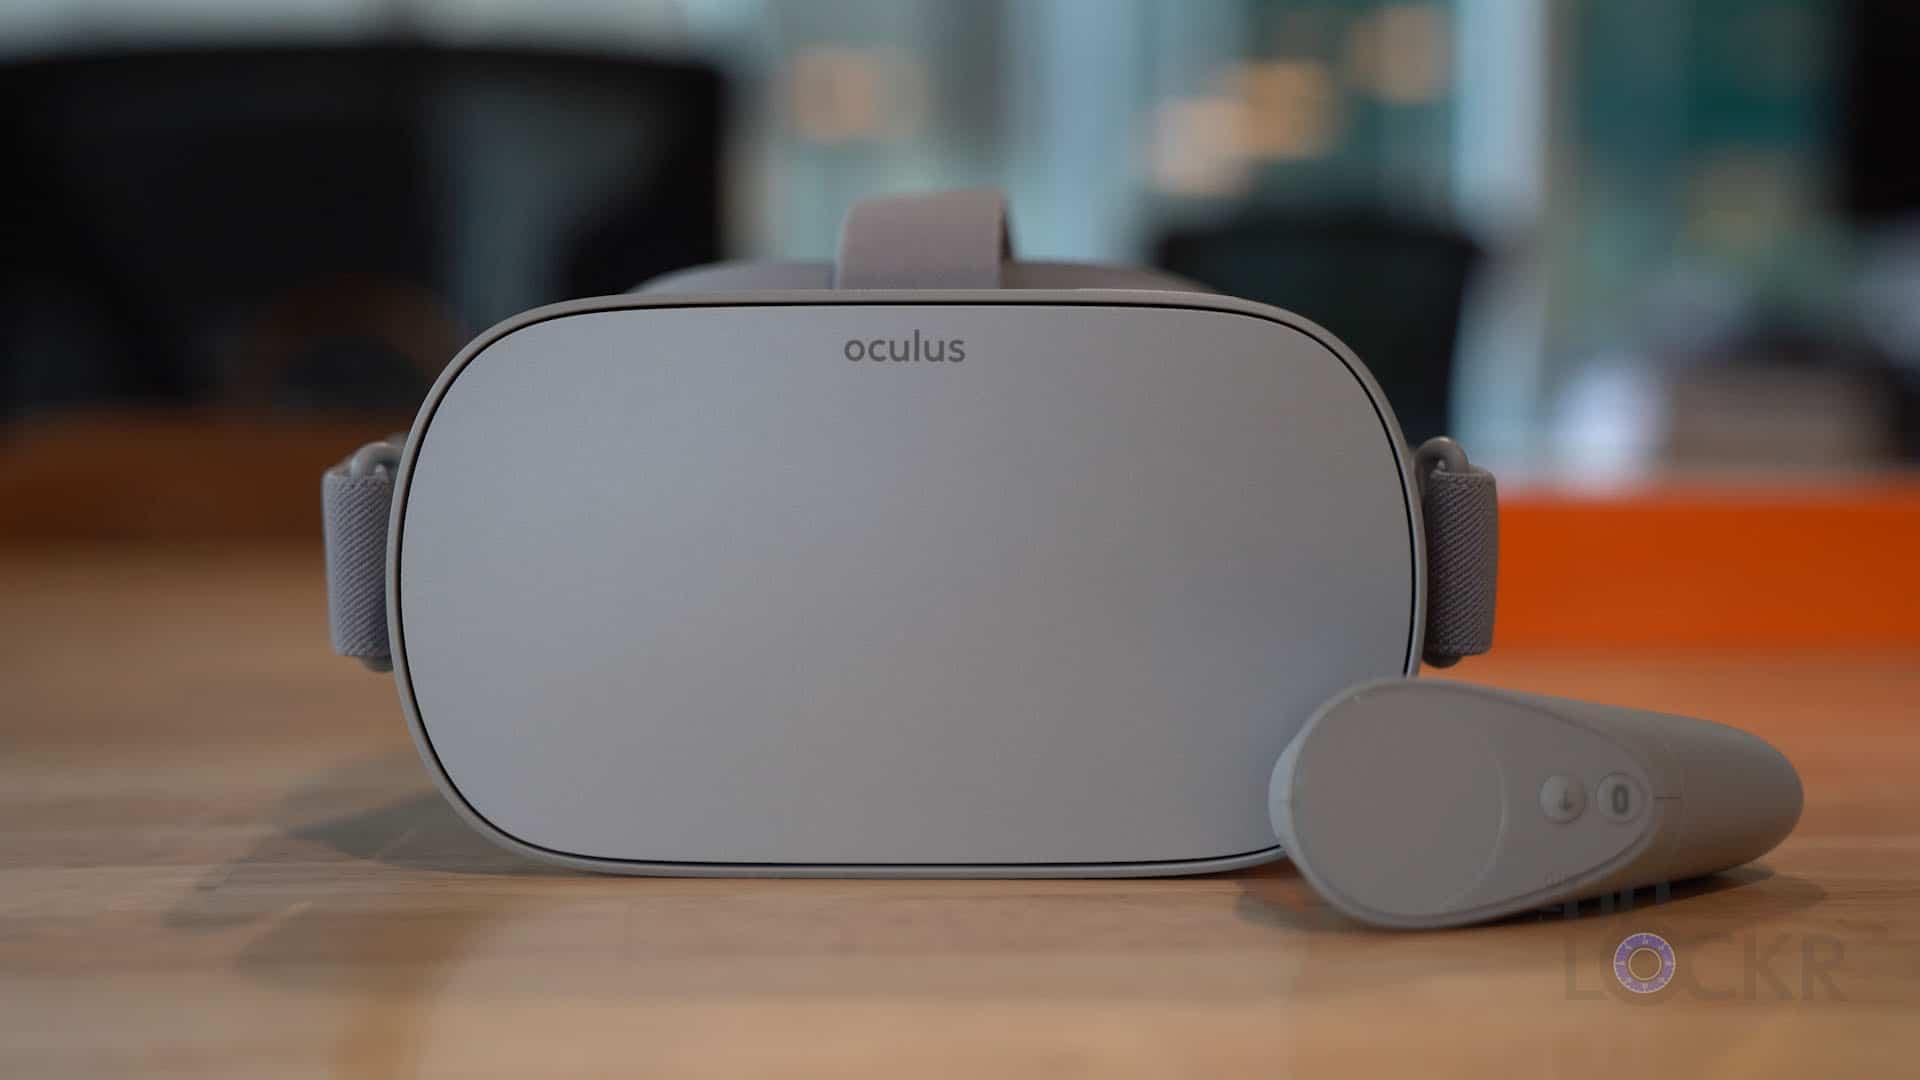 Oculus Go Reset View